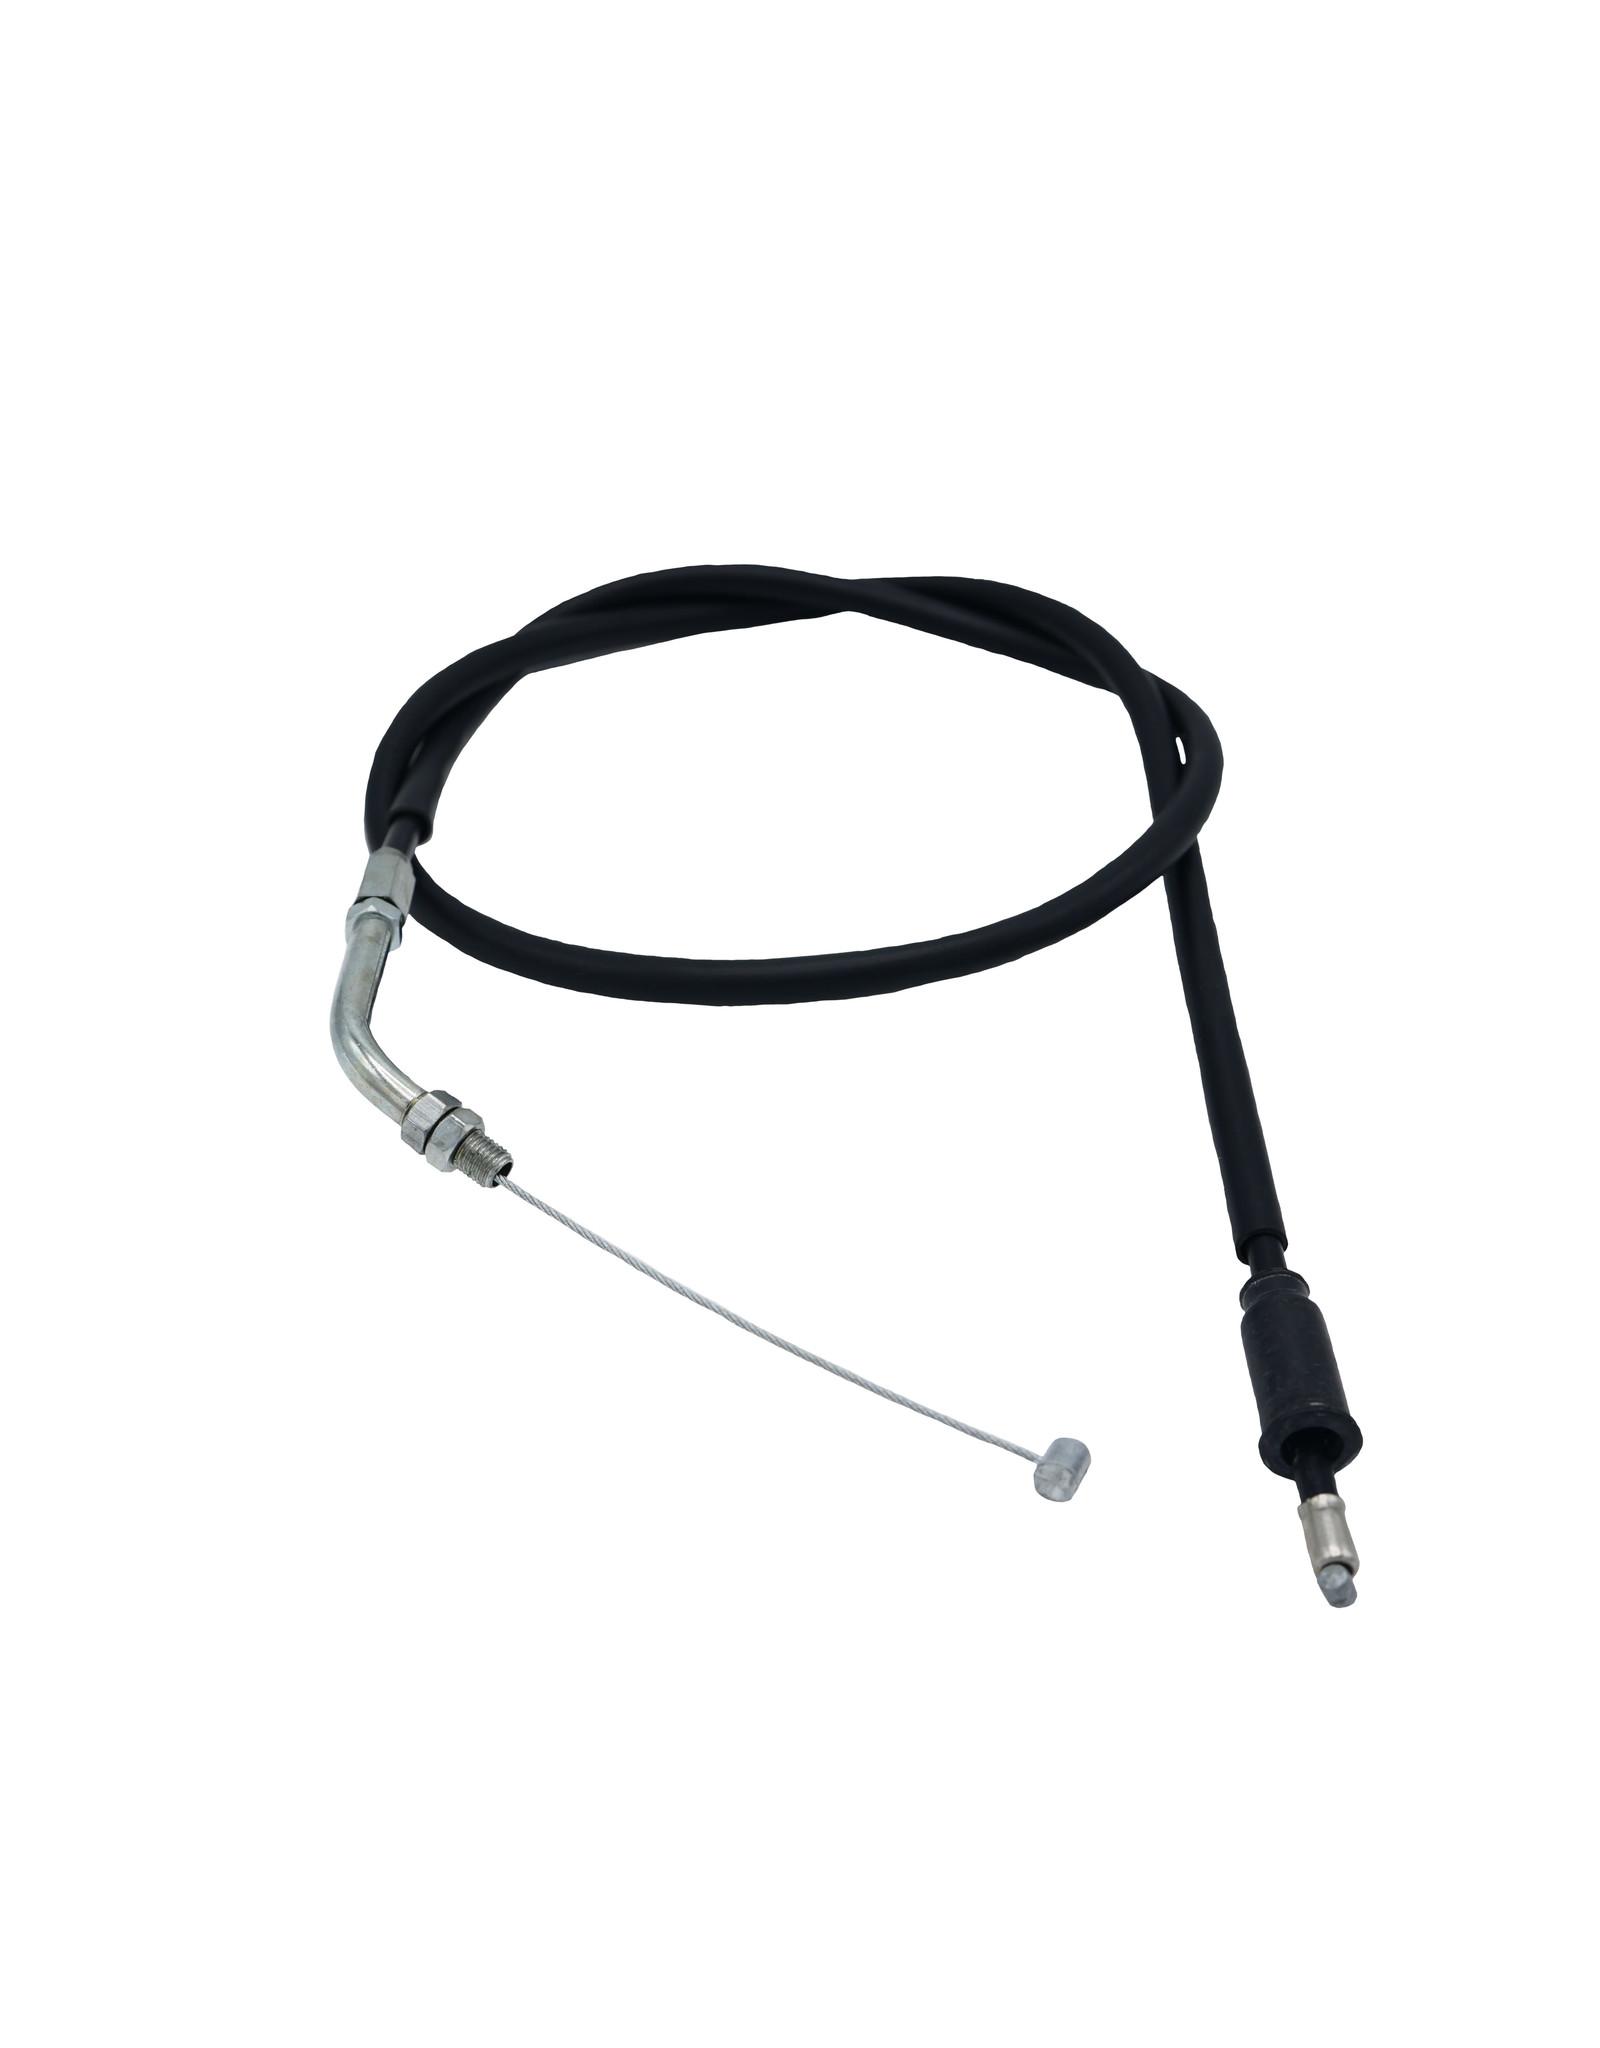 Choke Cable Gen 1 RSV / Tuono AP8114359